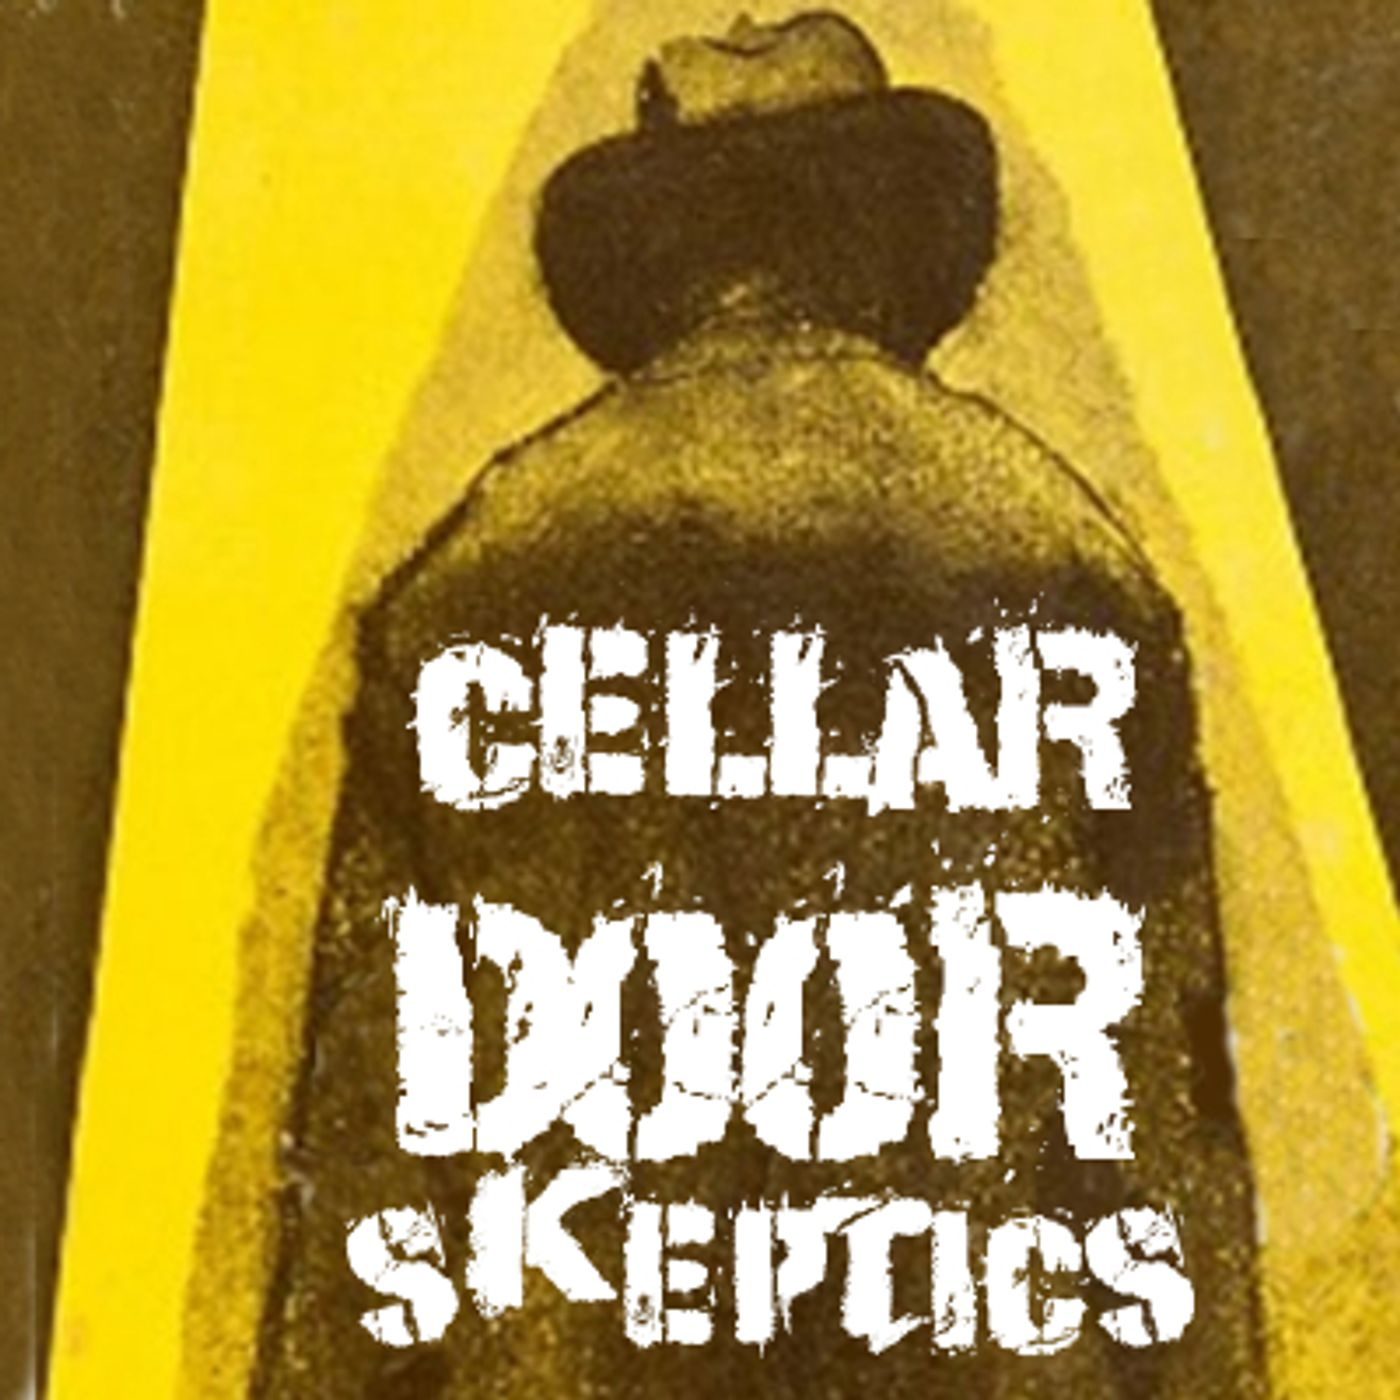 Cellar Door Skeptics Podcast